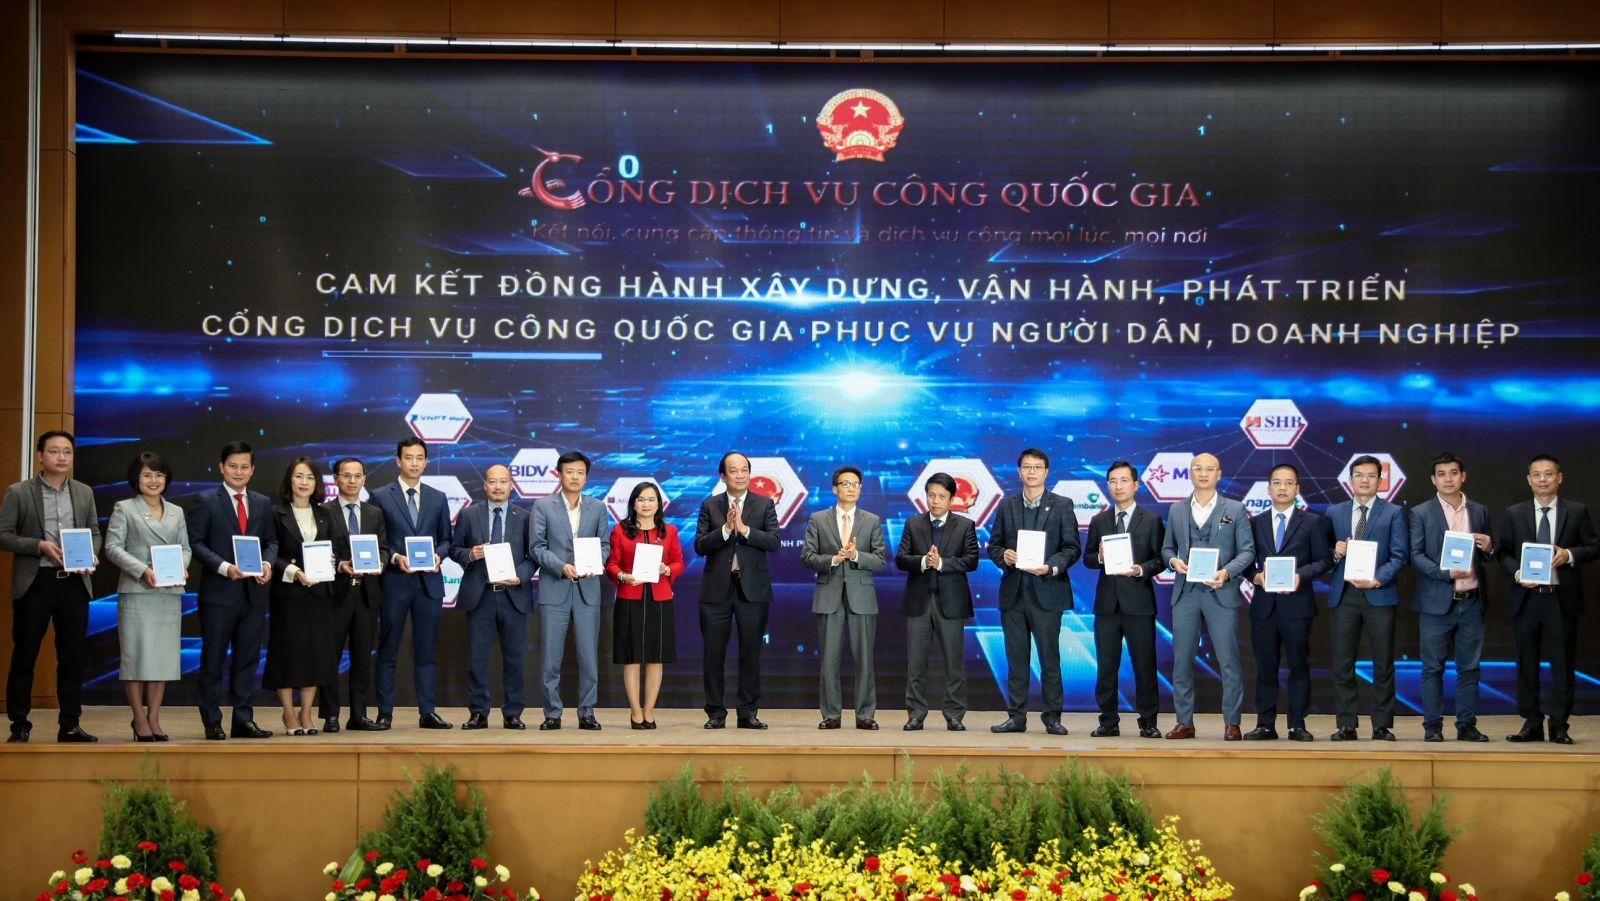 VPBank cam kết đồng hành, xây dựng phát triển Cổng dịch vụ công Quốc gia